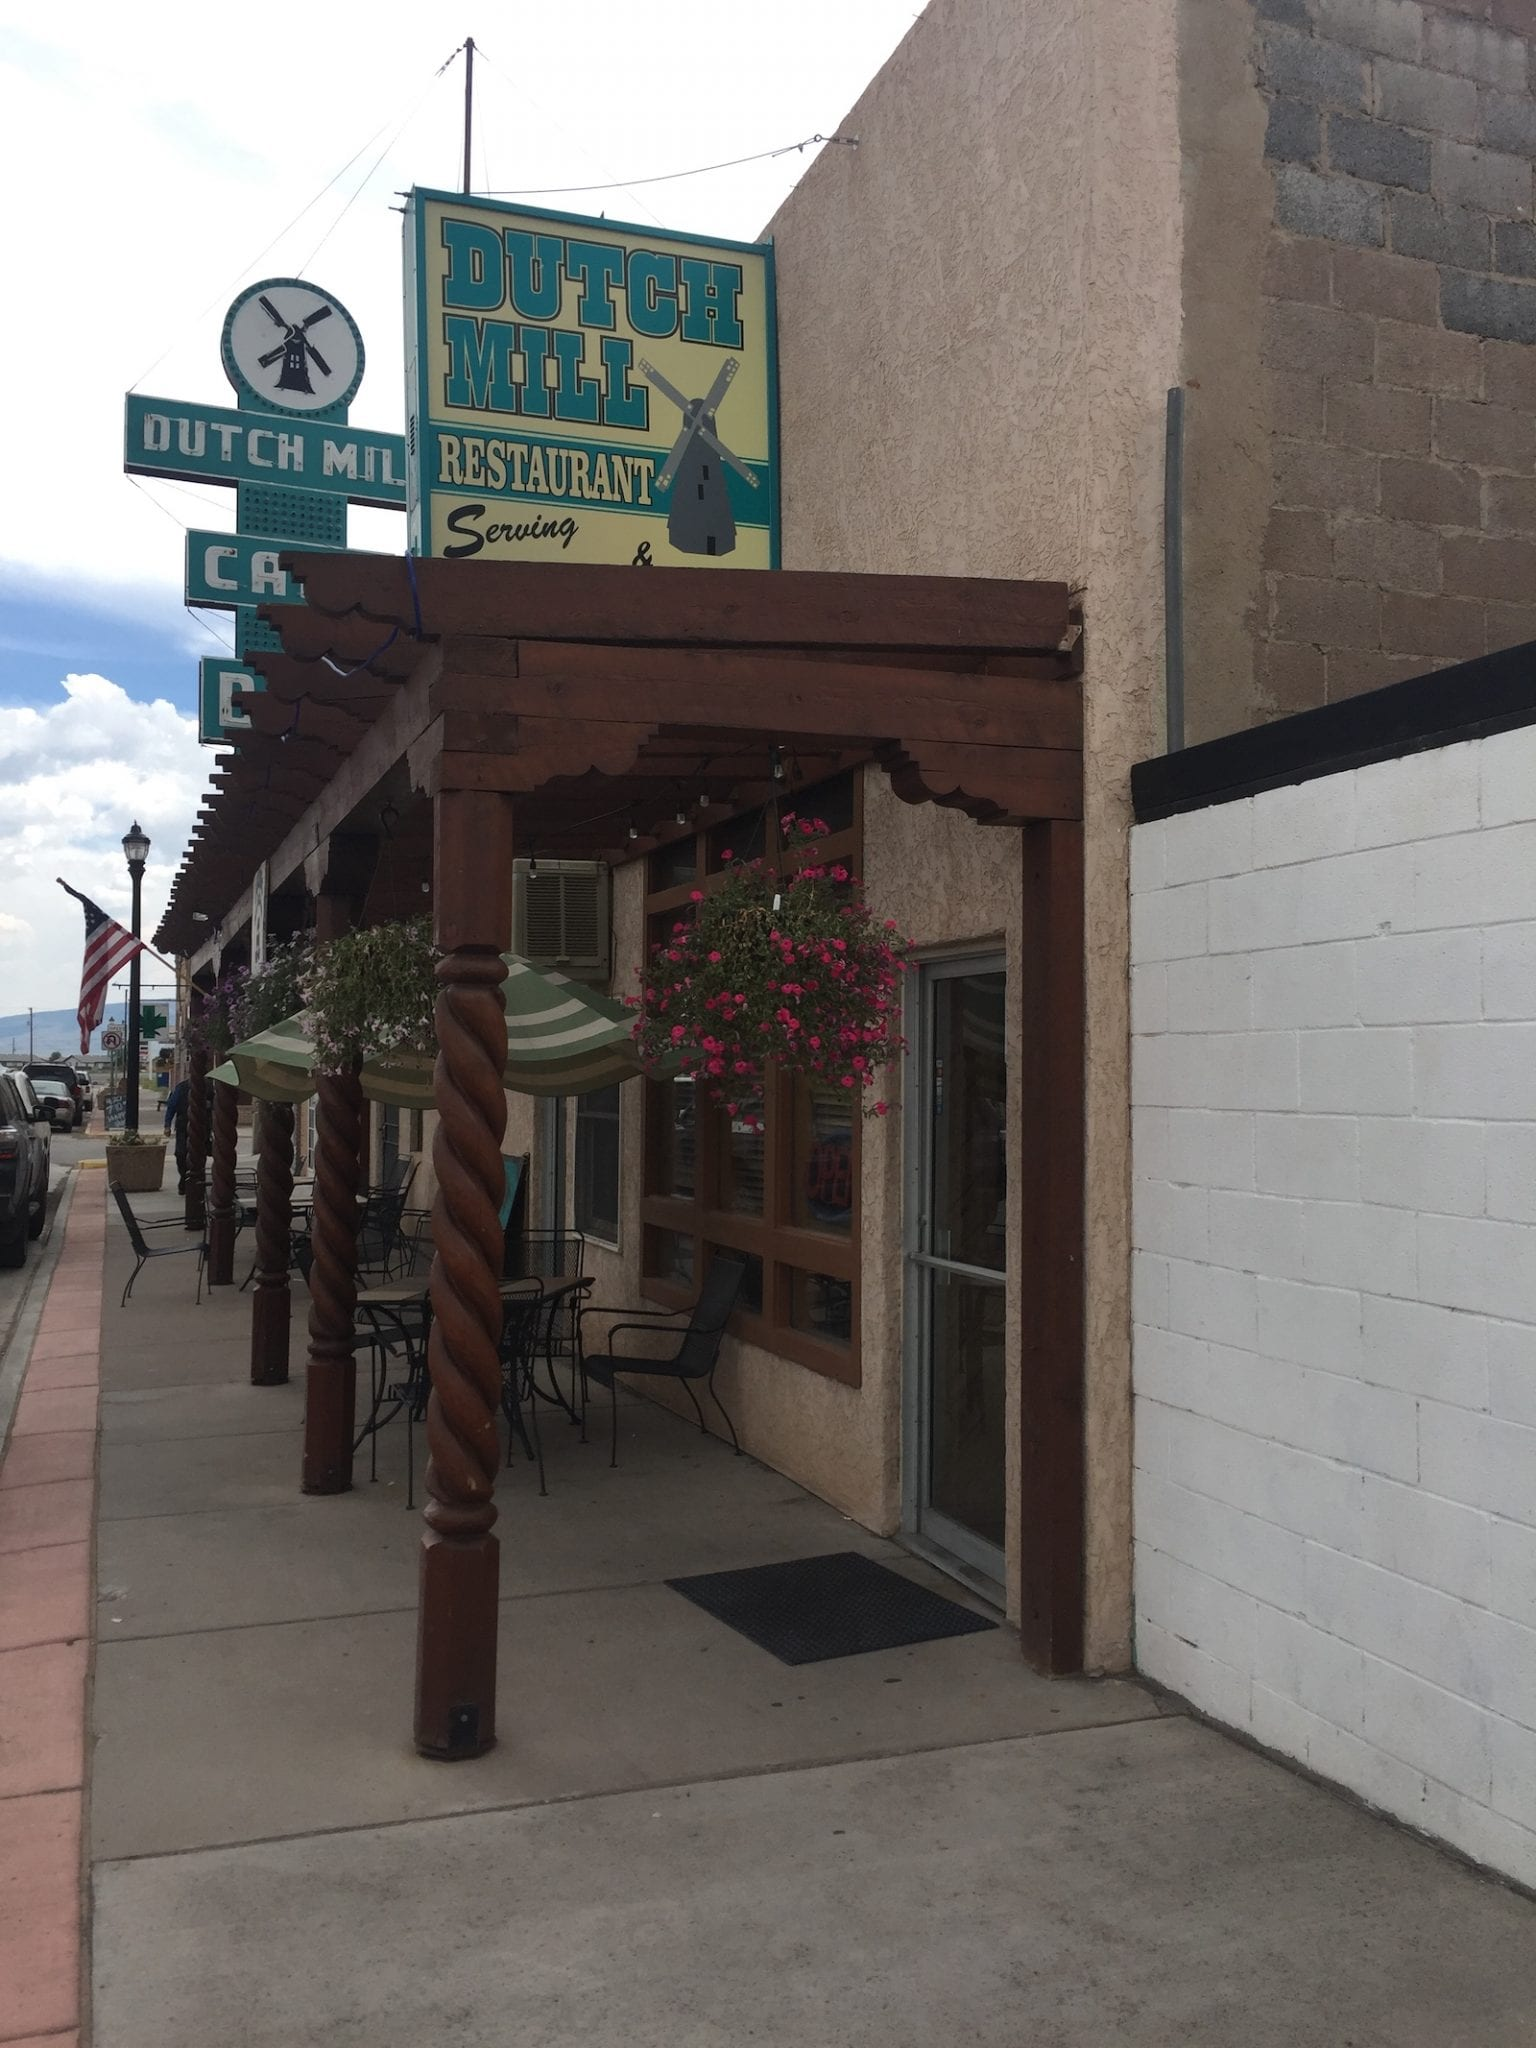 Antonito Colorado Dutch Mill Restaurant